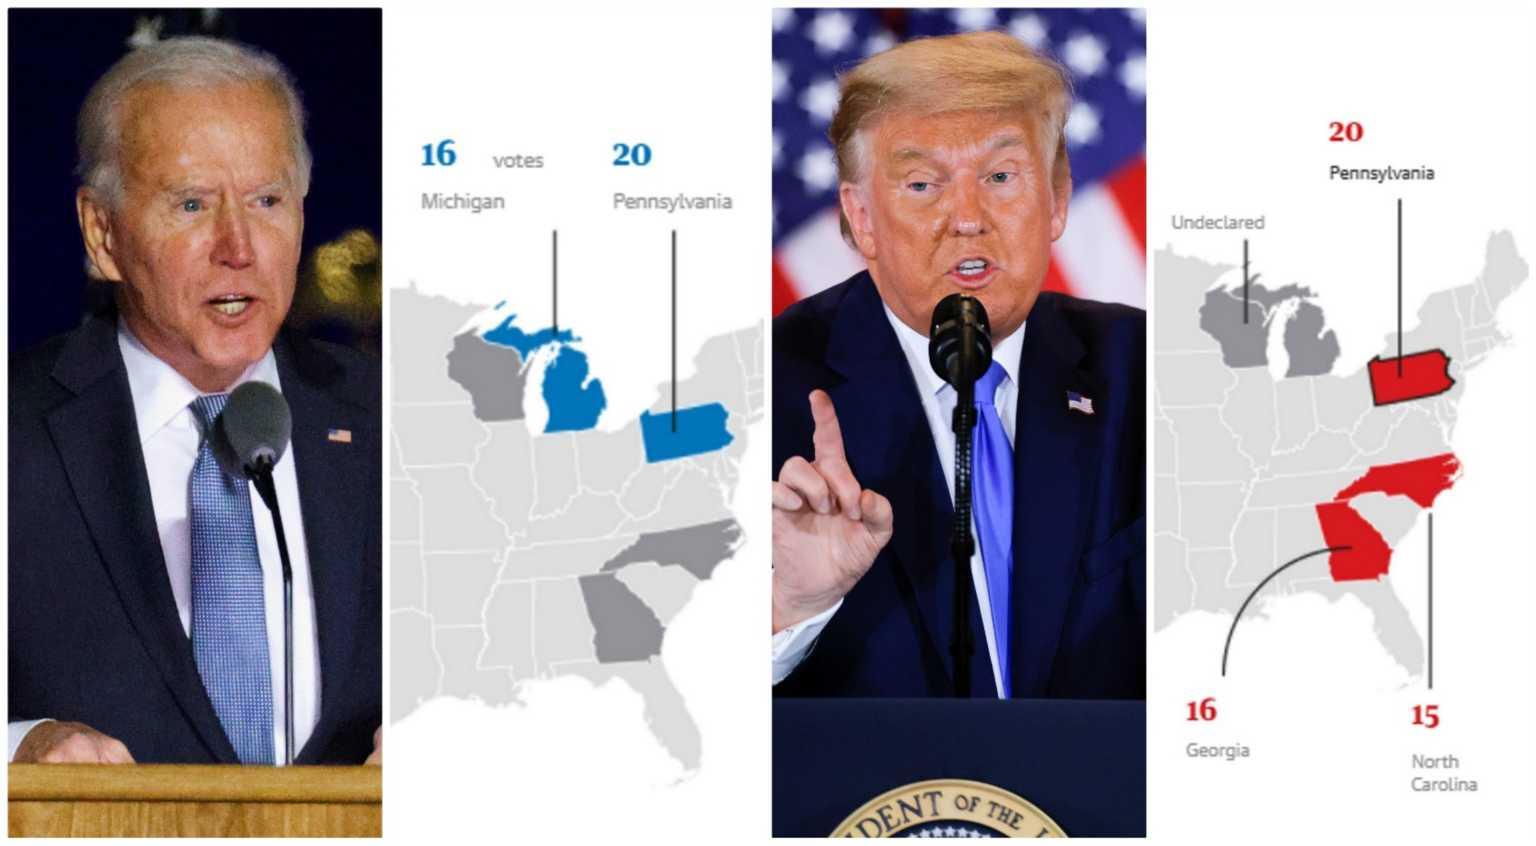 Εκλογές ΗΠΑ: Έτσι κερδίζουν Μπάιντεν και Τραμπ! Τα τέσσερα σενάρια